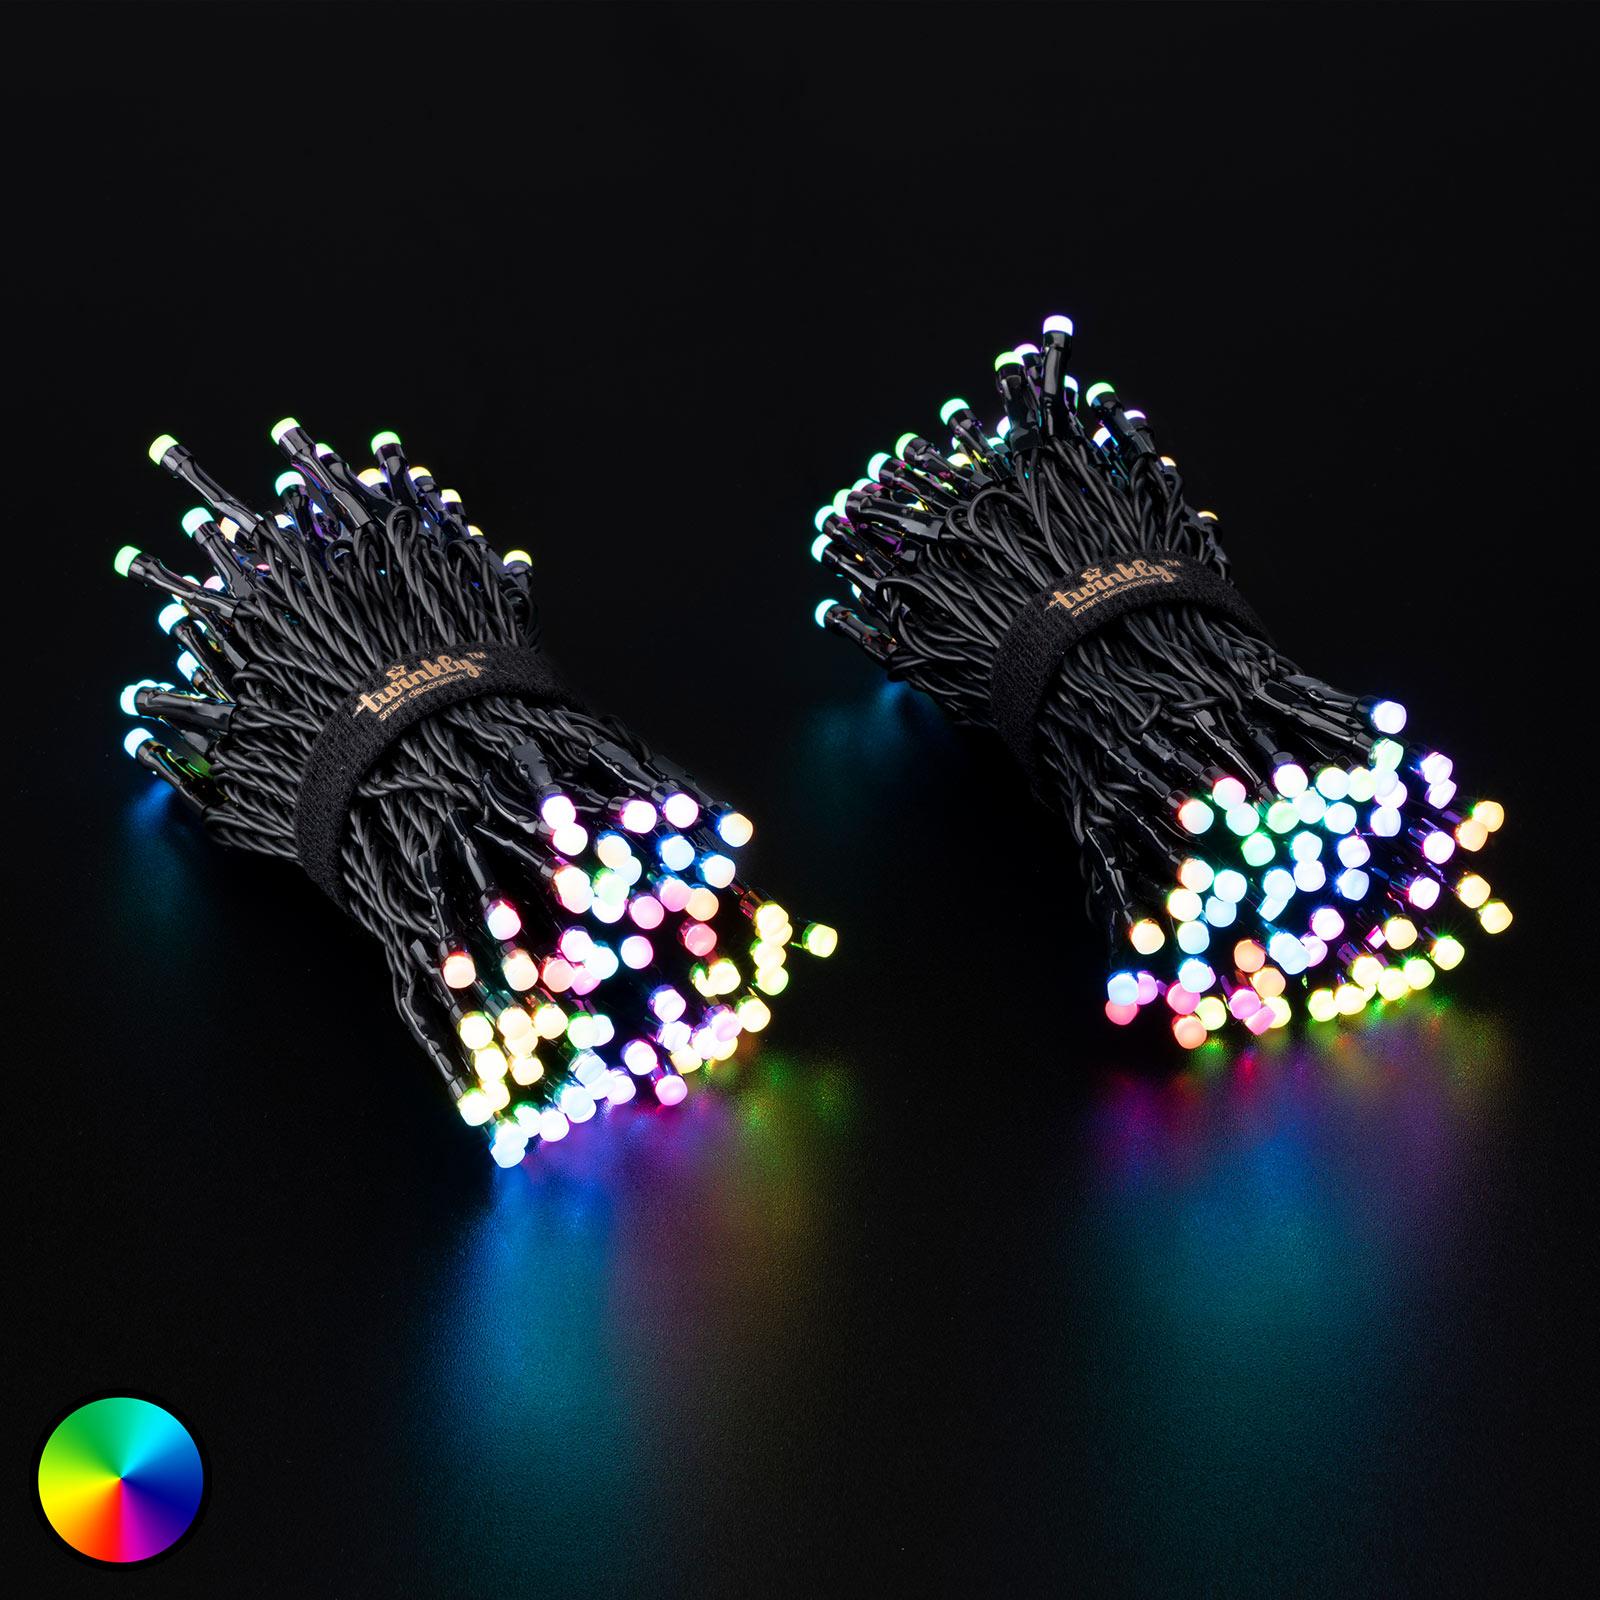 Twinkly LED Lichterkette RGB schwarz 20m 250 LED 87,20 € - Zwei für 158,22 € (79,11€)